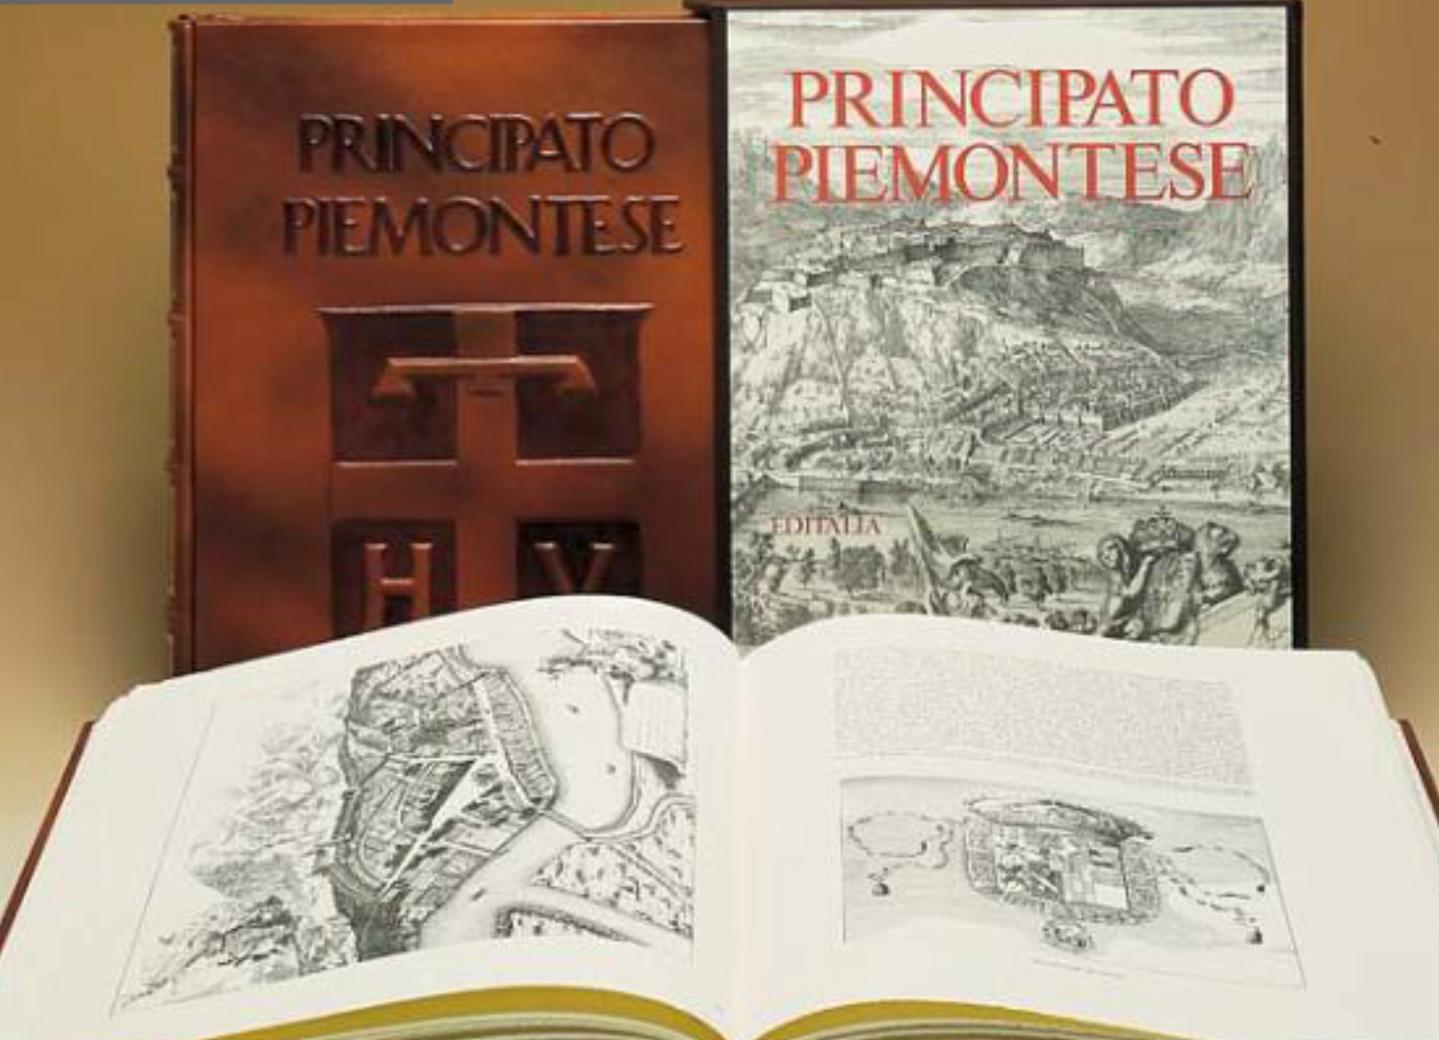 Principato Piemontese –  Editalia